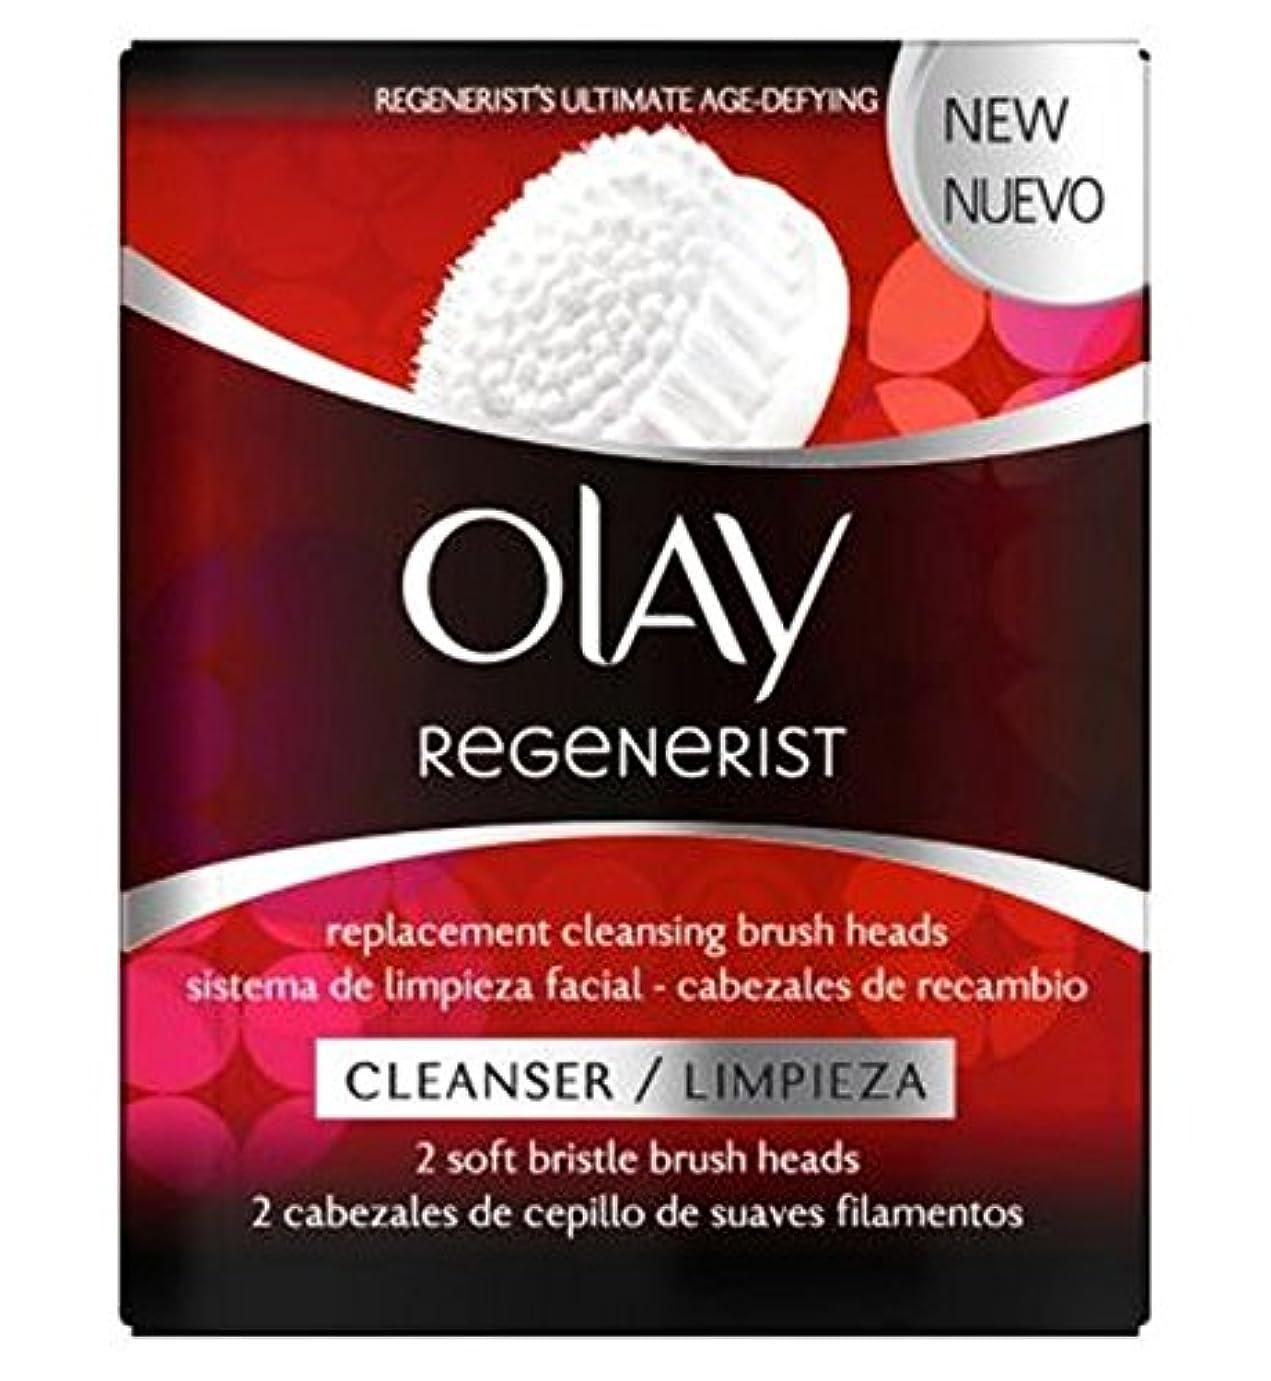 アルカイックどうやらねじれオーレイリジェネ2交換用クレンジングブラシヘッド (Olay) (x2) - Olay Regenerist 2 Replacement Cleansing Brush Heads (Pack of 2) [並行輸入品]